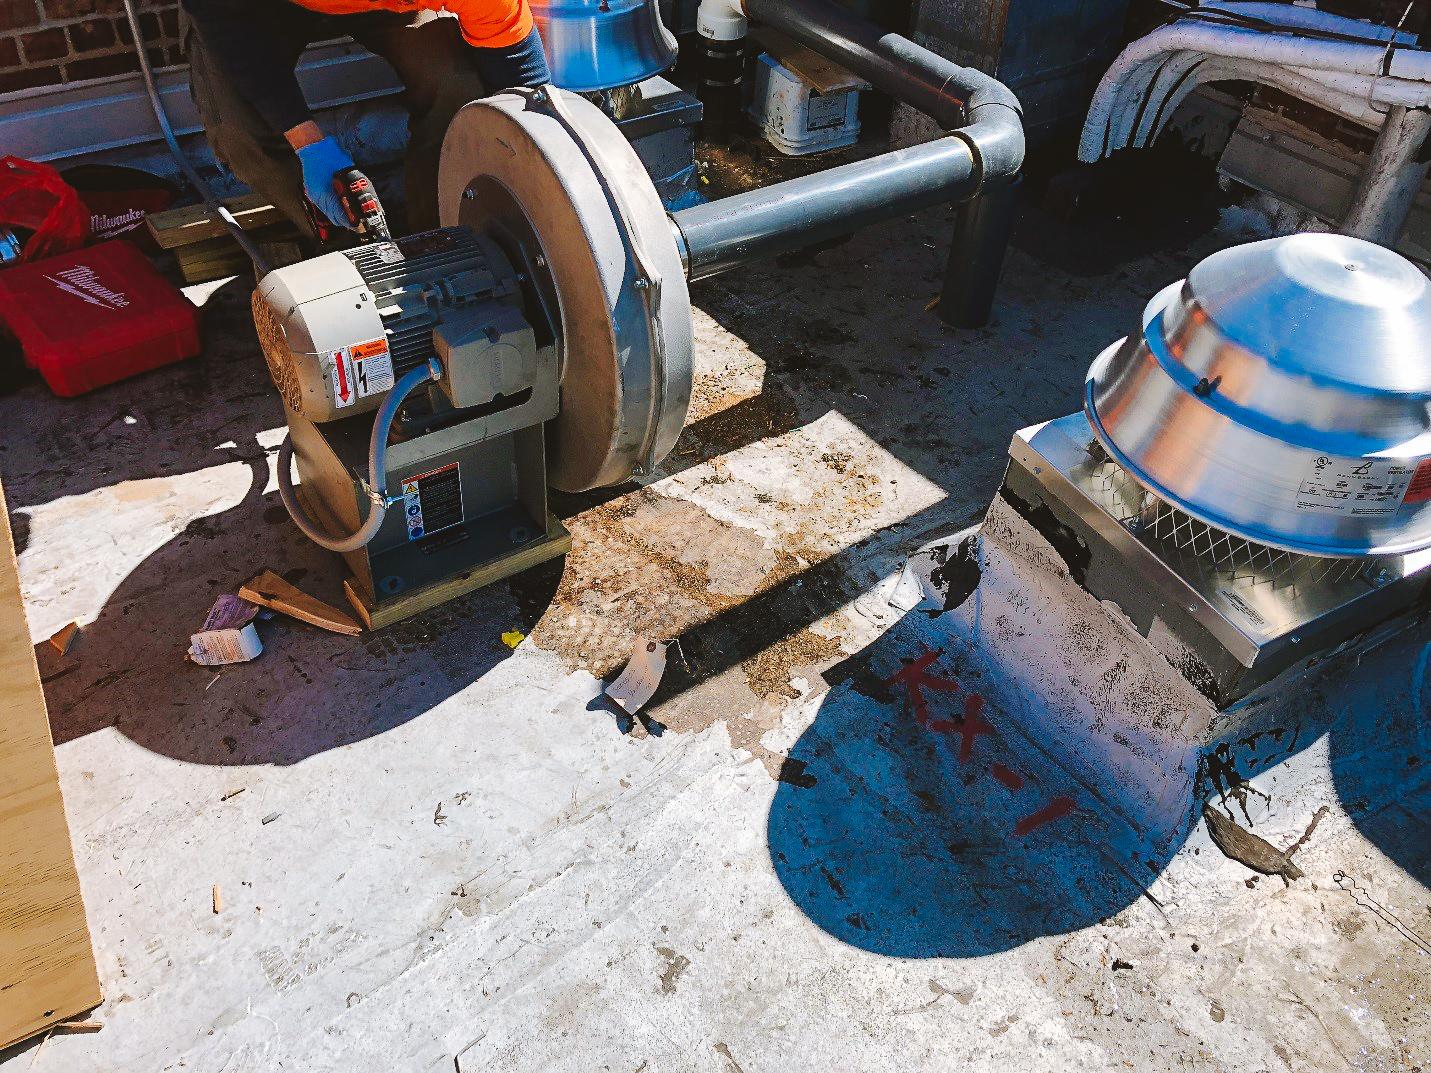 Remediation Mitigation Design for Institutional Renovation